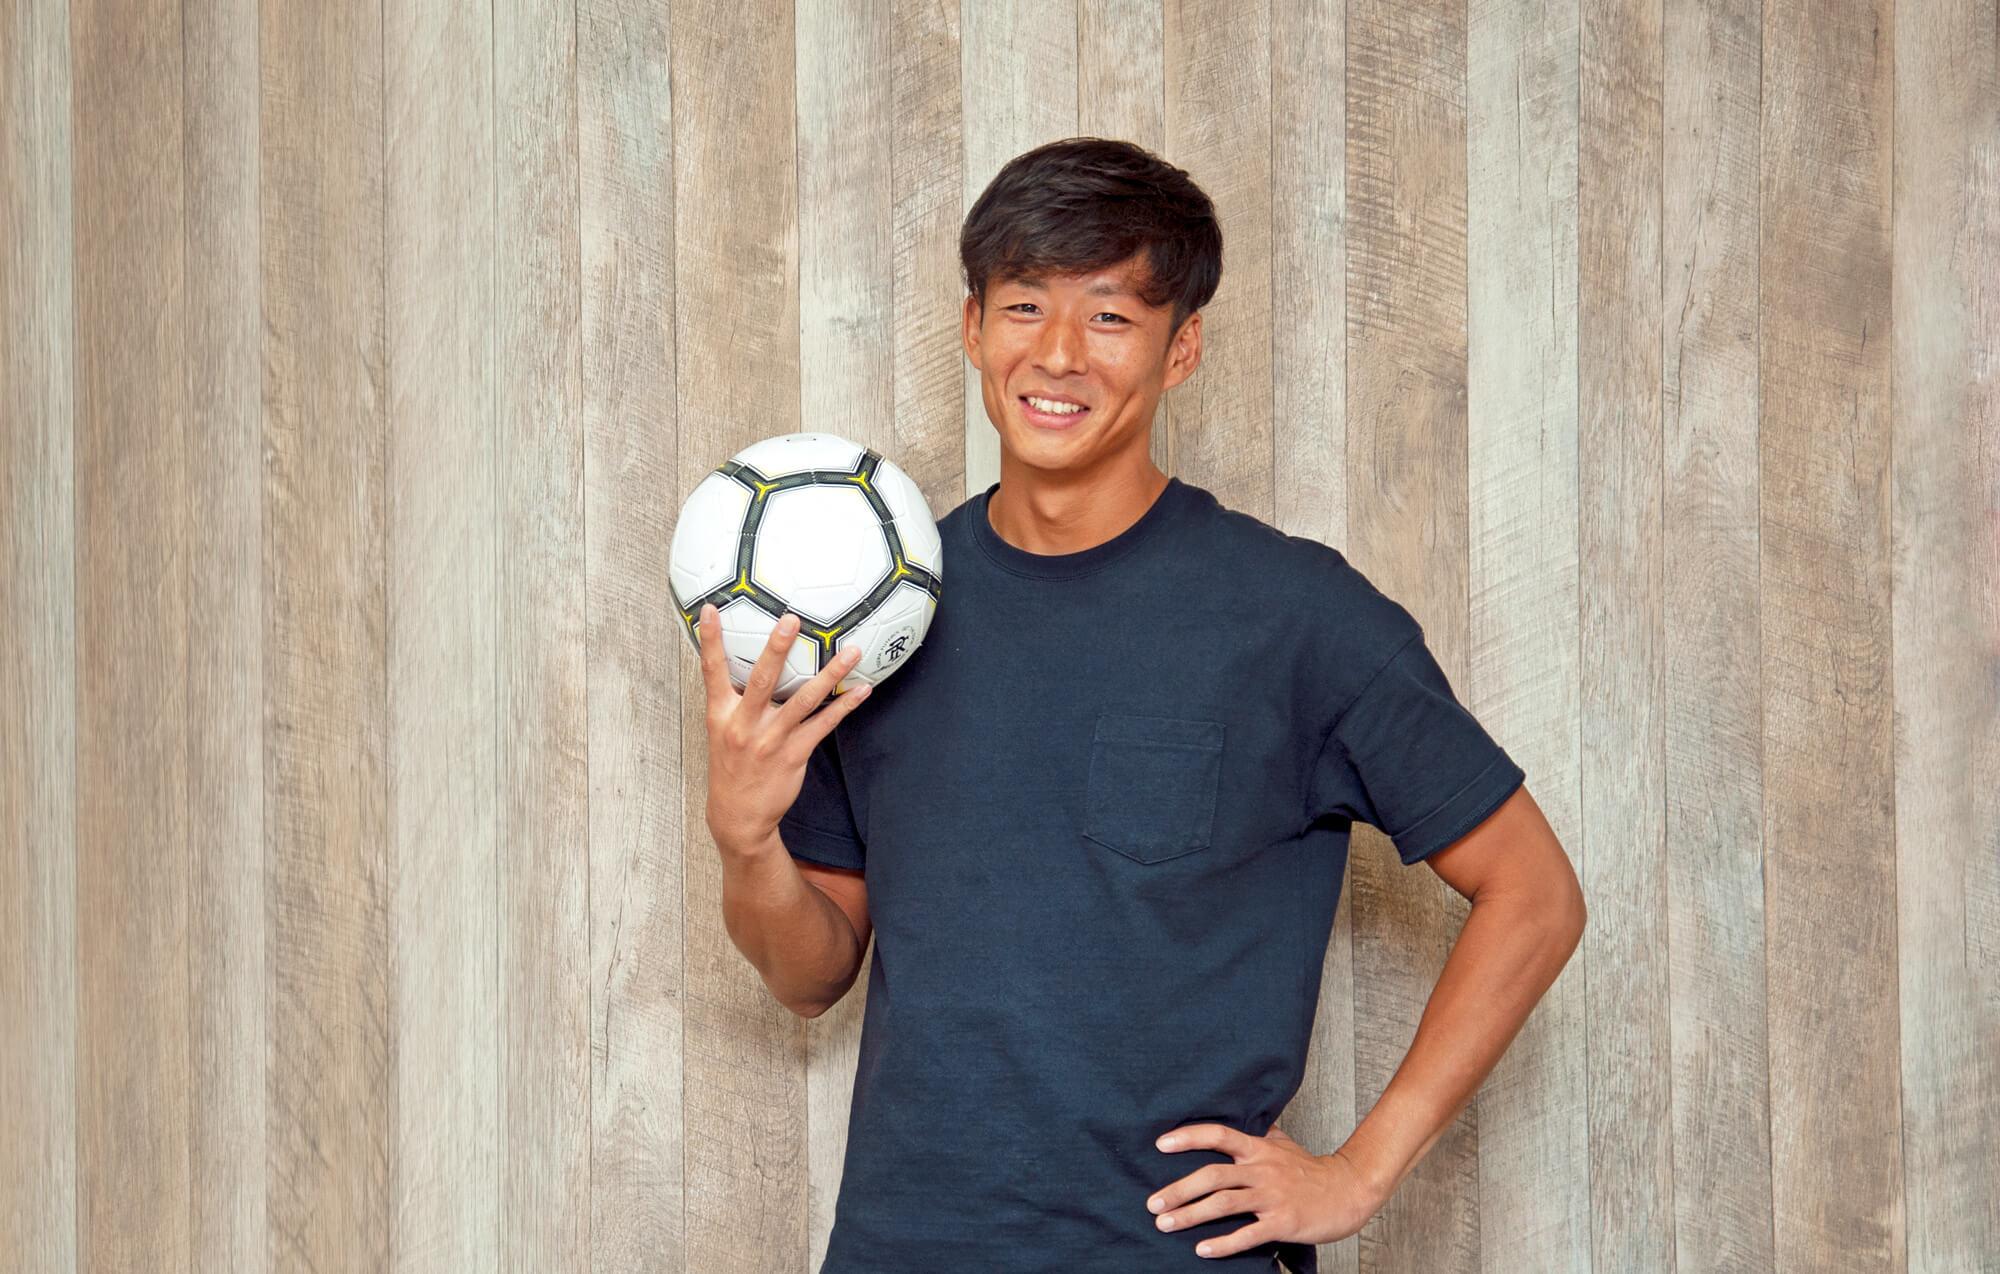 サッカー選手 兼 オフィスワーカー!